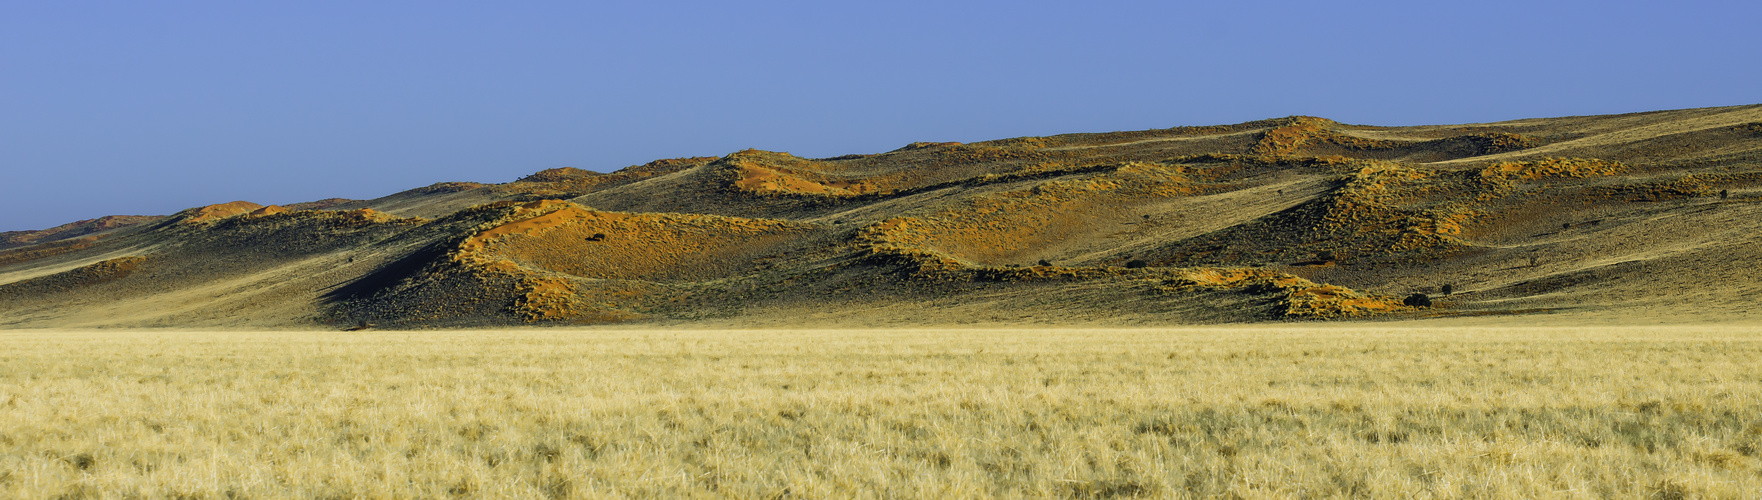 Dünen-Landschaft